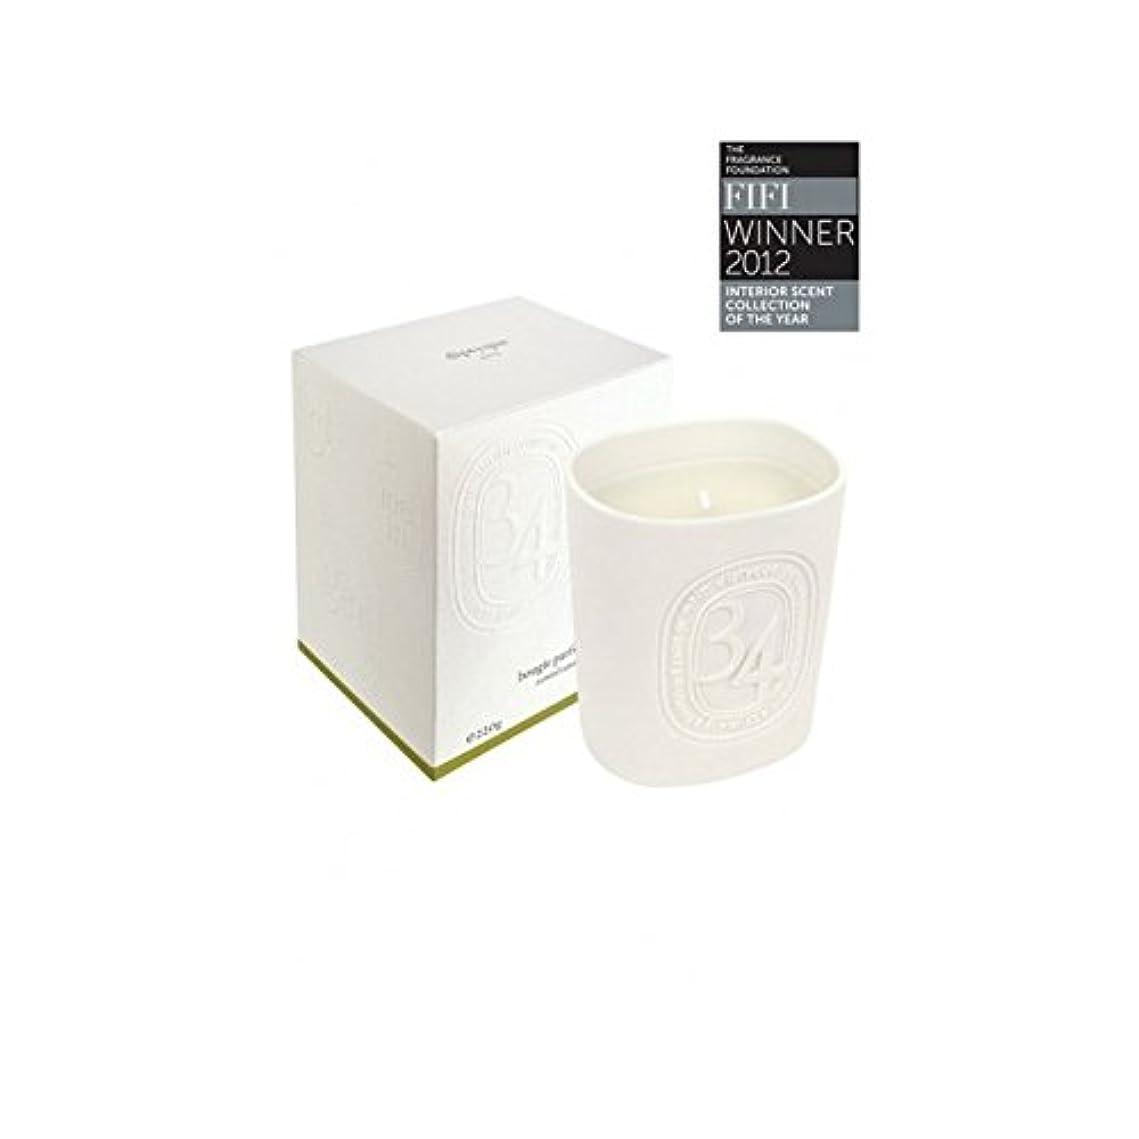 待つ聞きますブロンズDiptyque Collection 34 Boulevard Saint Germain Candle 220g (Pack of 2) - Diptyqueコレクション34大通りサンジェルマンキャンドル220グラム...